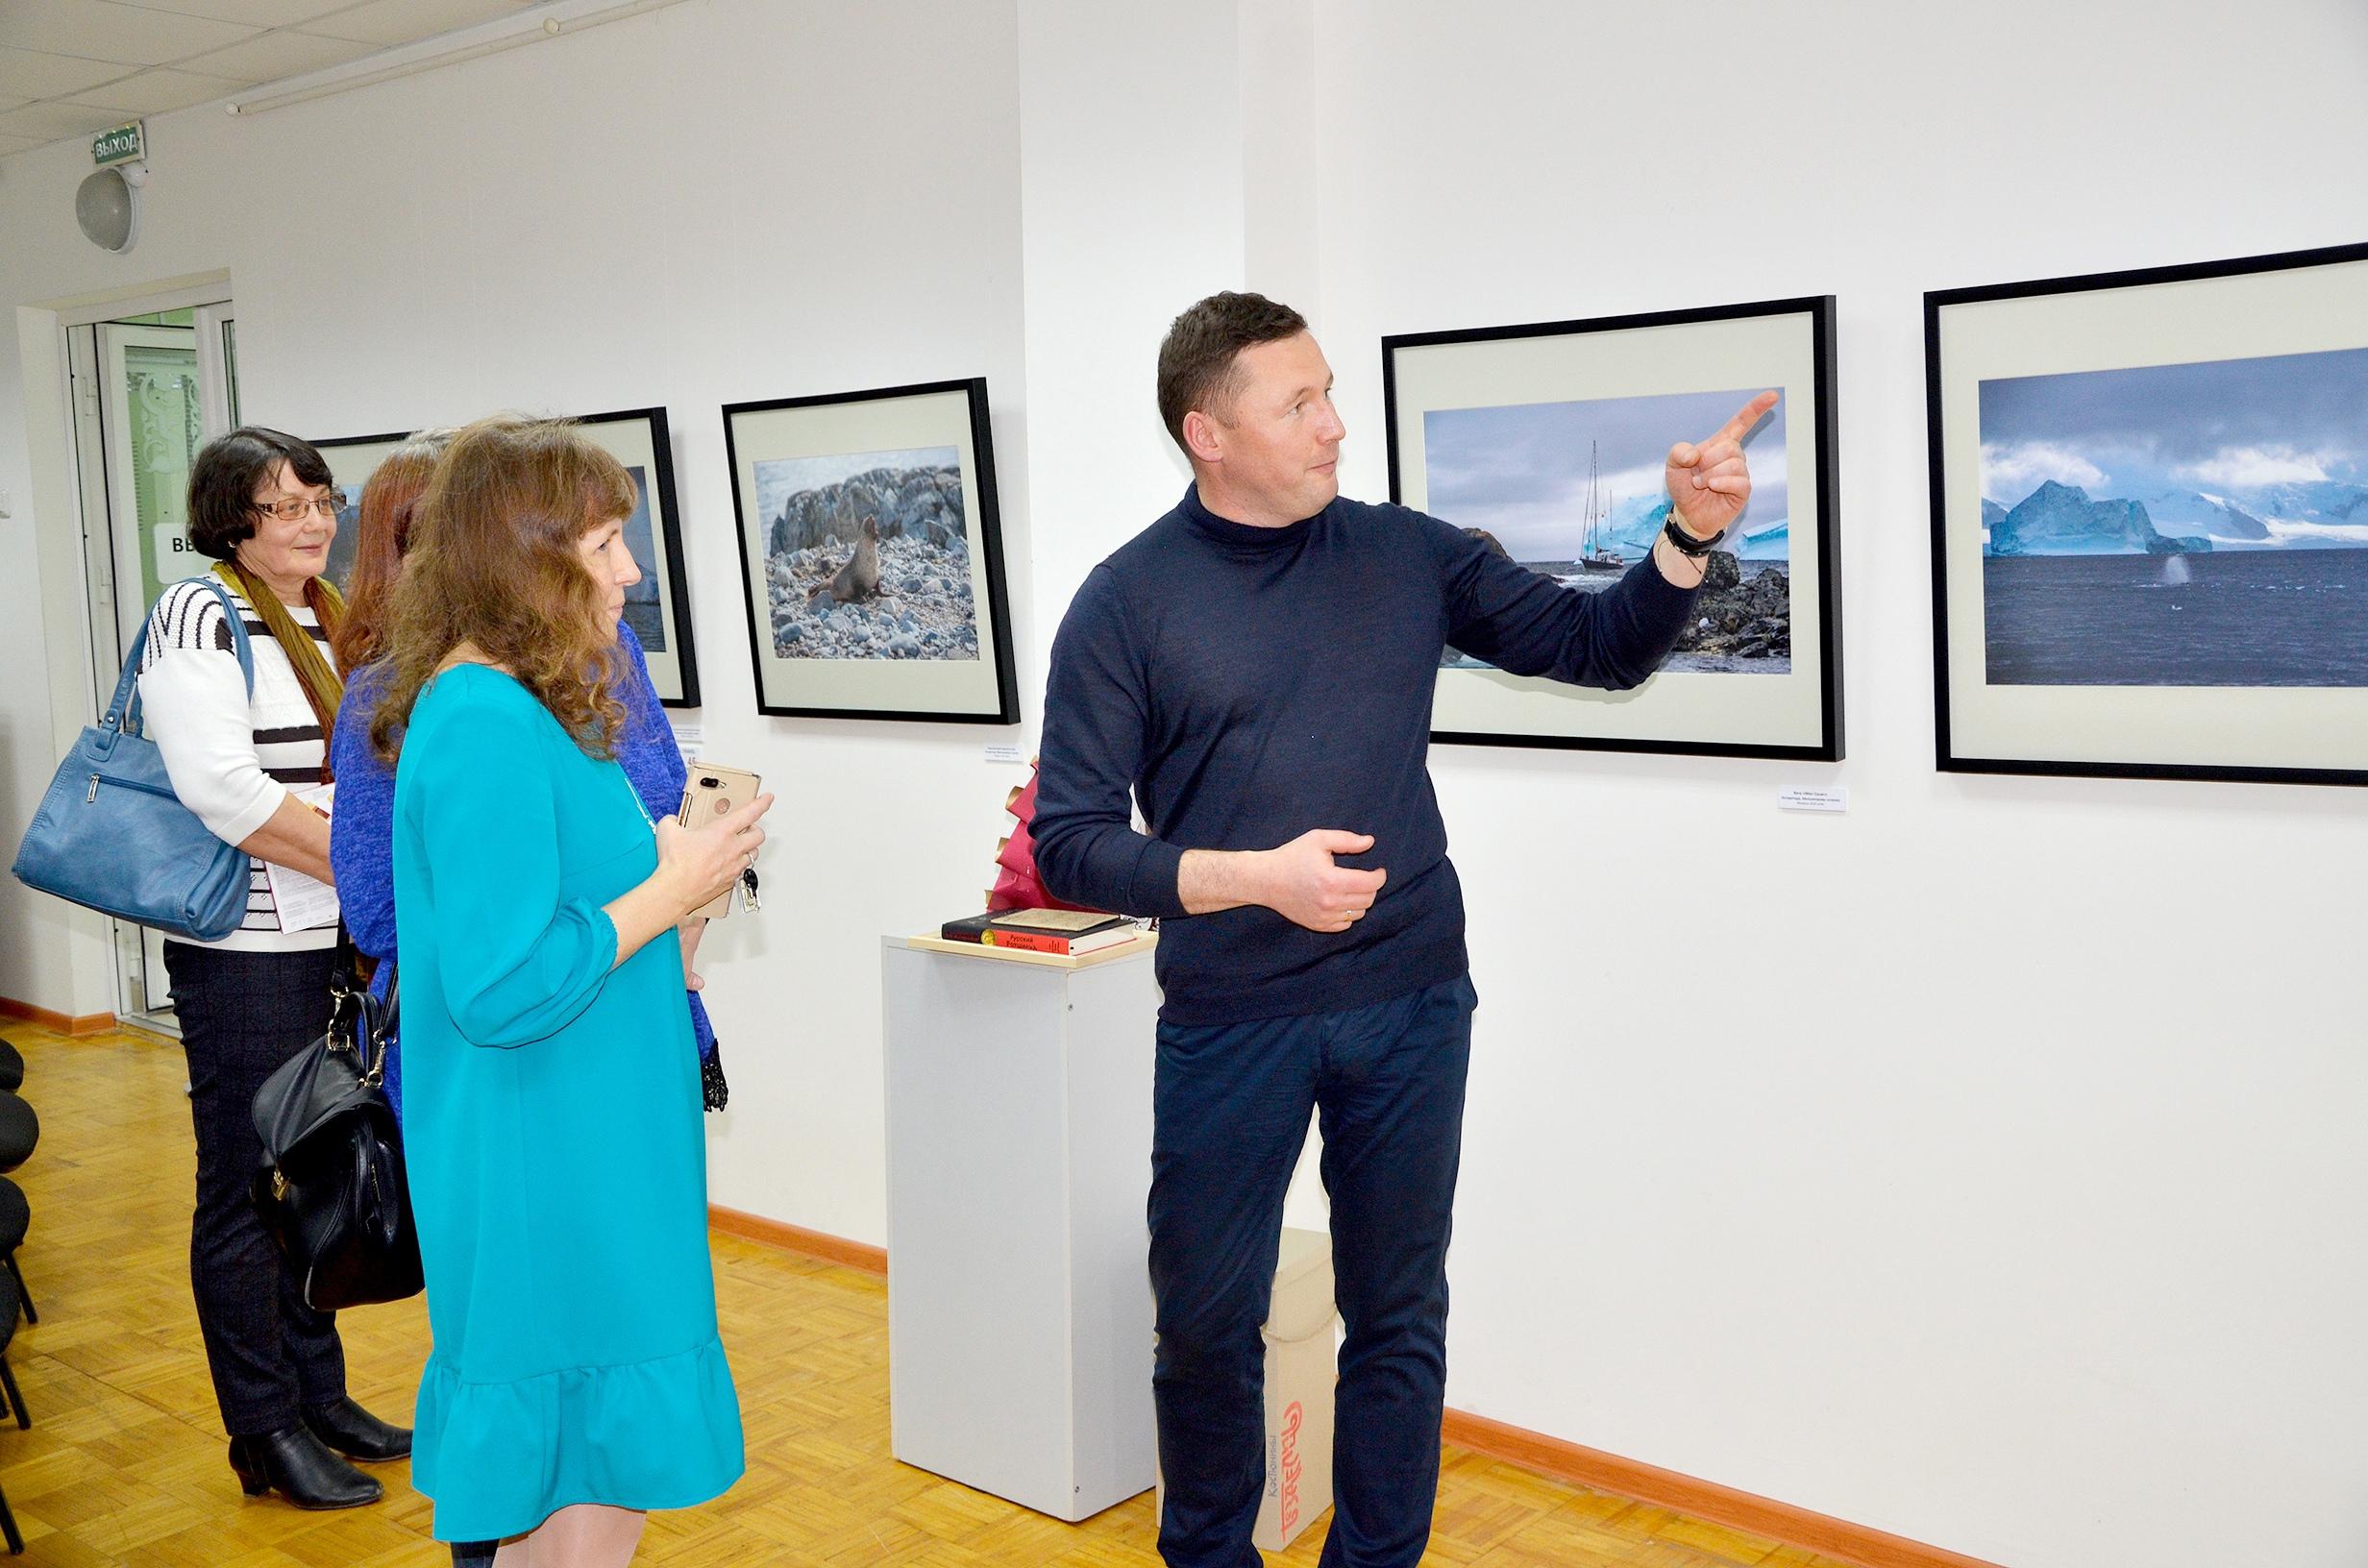 Житель Кирово-Чепецка побывал в путешествиях по Арктике, Антарктиде и Чукотке: об этом его выставка